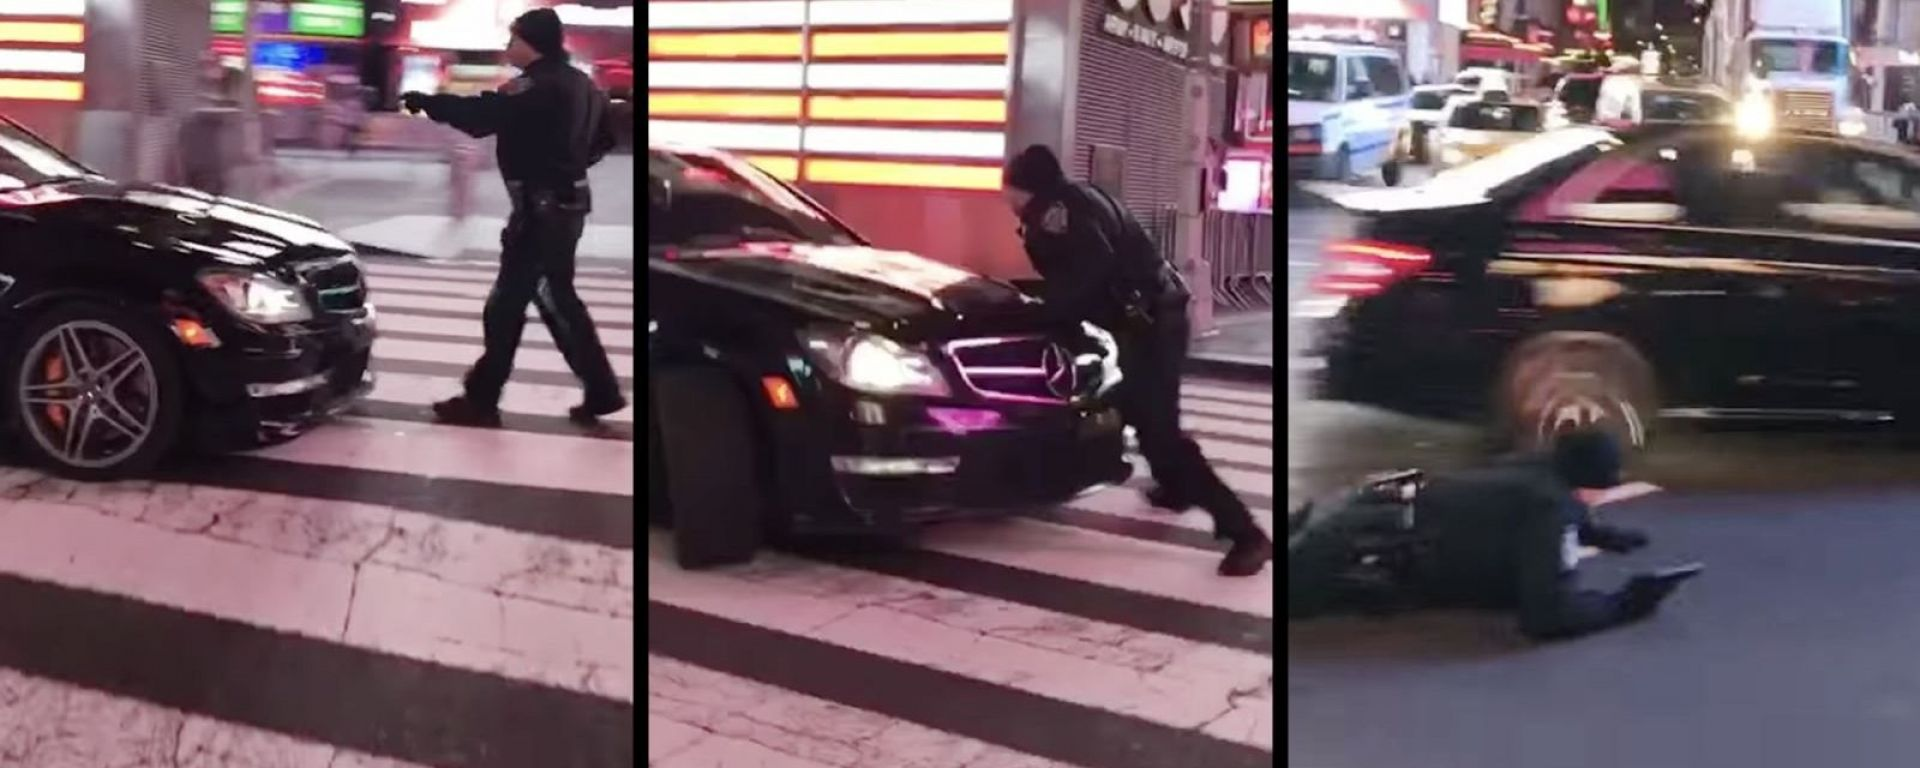 Mercedes C63 AMG a New York investe un poliziotto per evitare l'arresto